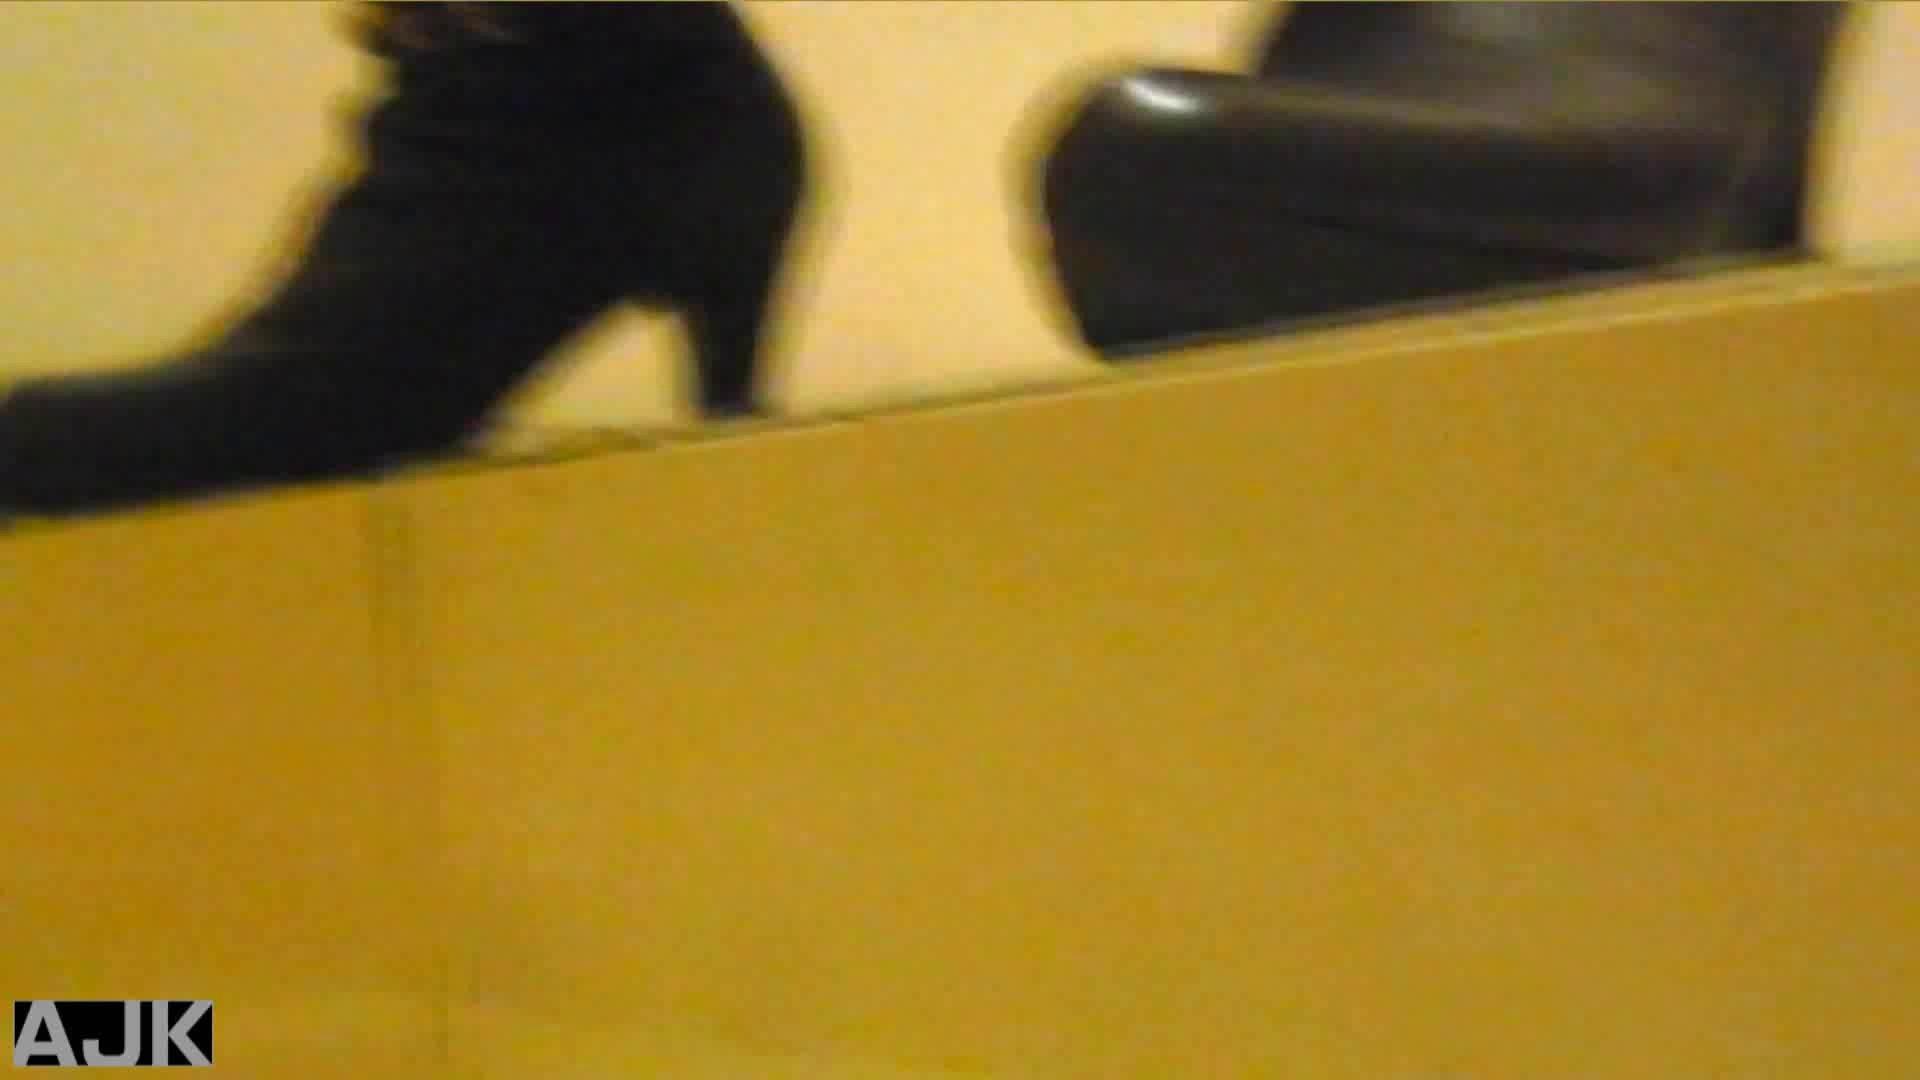 隣国上階級エリアの令嬢たちが集うデパートお手洗い Vol.03 おまんこ  104PIX 40